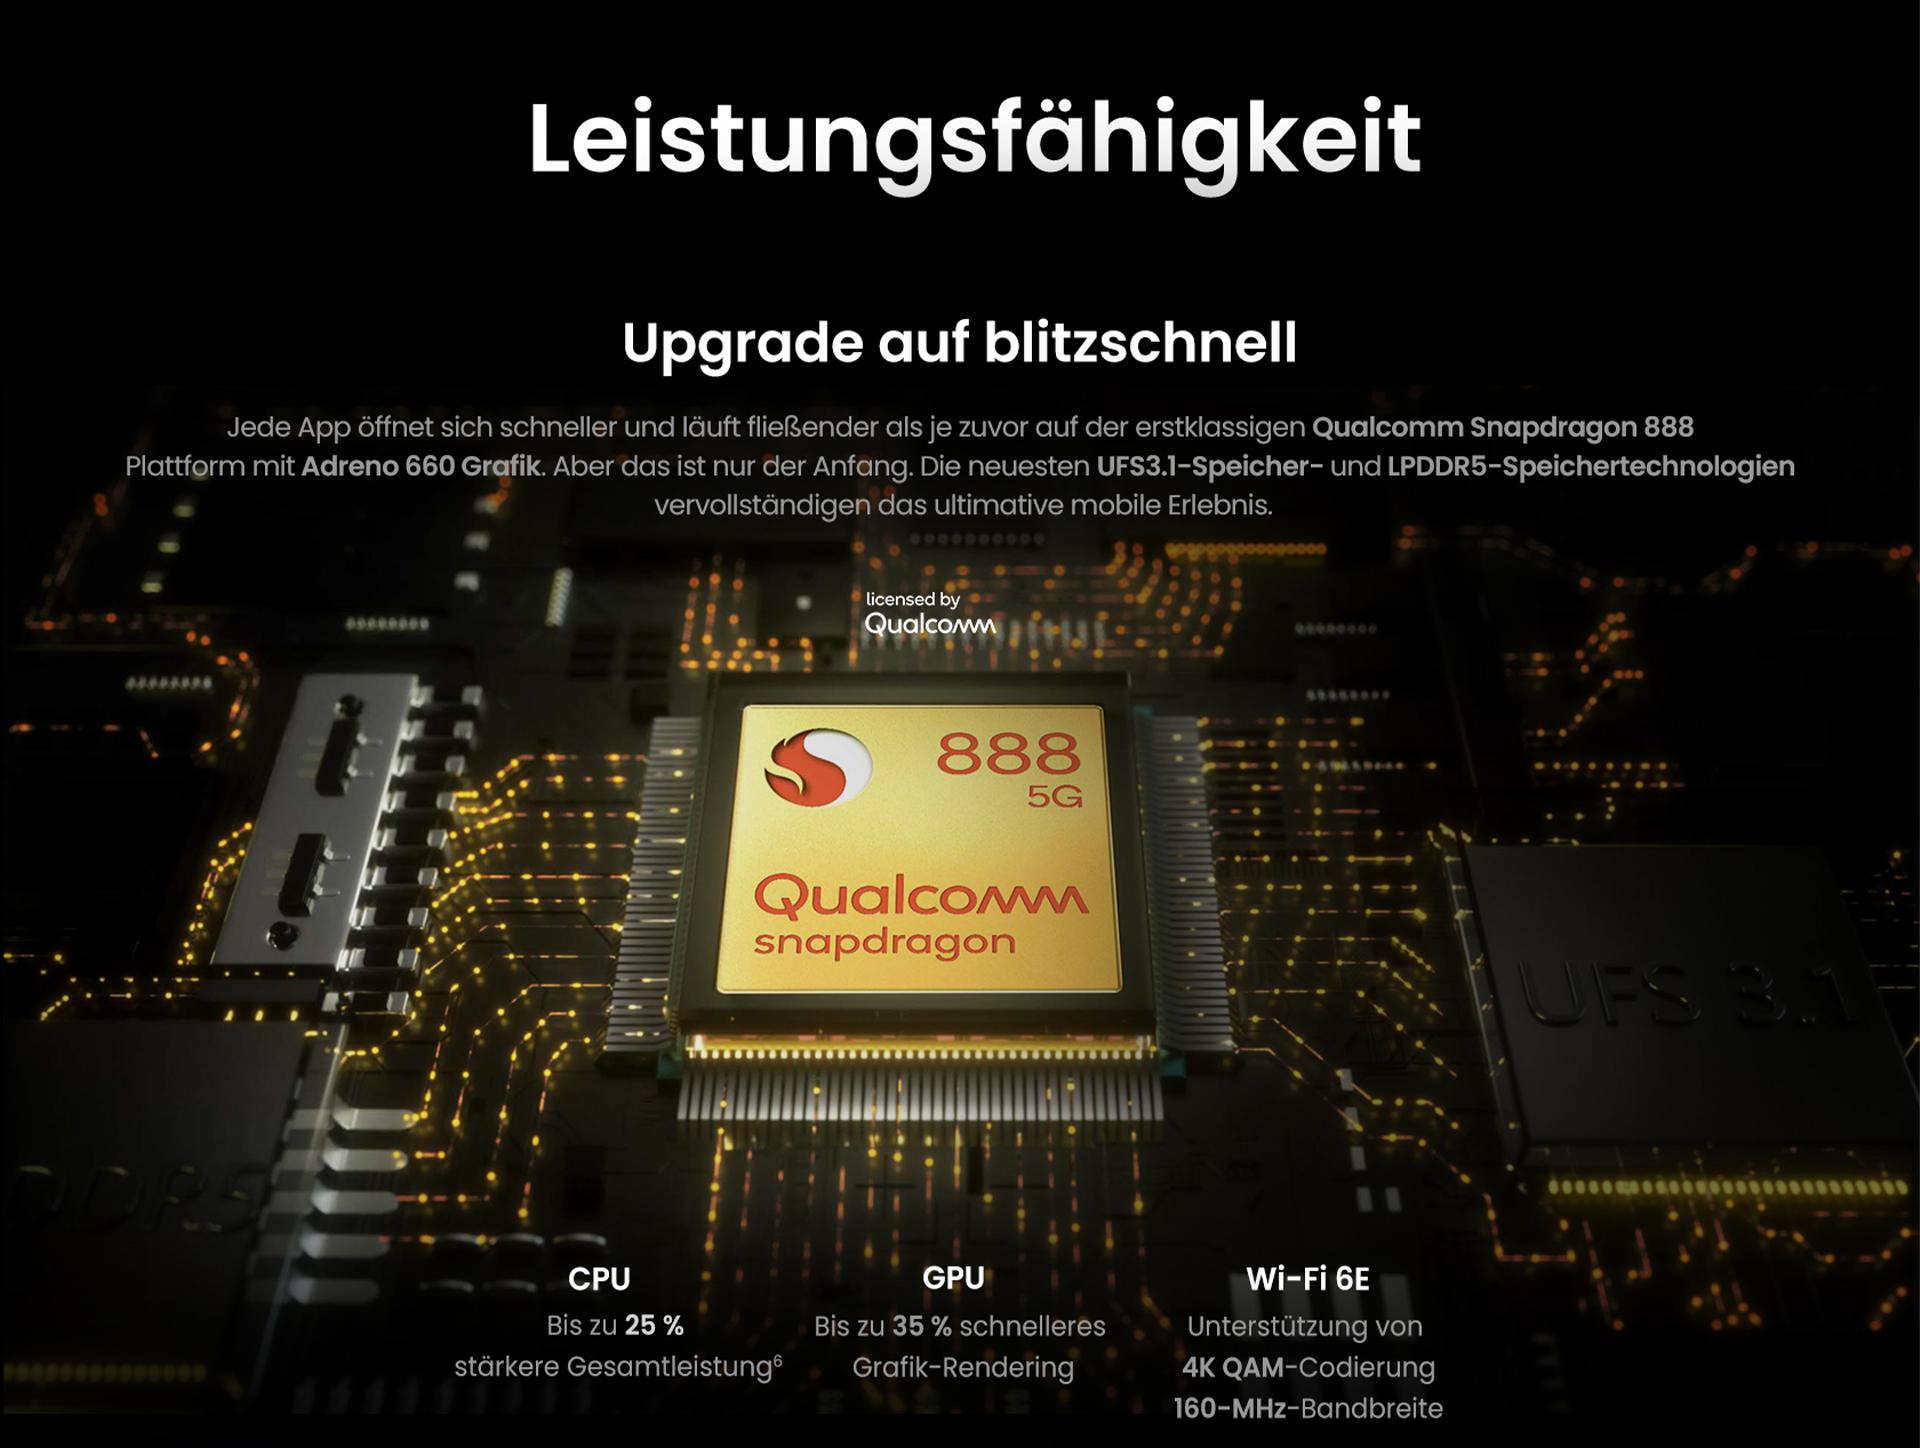 Hohe Leistungsfähigkeit mit dem ZTE Axon 30 Ultra - Upgrade auf blitzschnell - Jede App öffnet sich schneller und läuft fließender als je zuvor auf der erstklassigen Qualcomm Snapdragon 888 Plattform mit Andeno 660 Grafik. Aber das ist nur der Anfang. Die neuesten UFS3.1-Speicher- und LPDDR5-Speichertechnologien vervollständigen das ultimative mobile Erlebnis - CPU: Bis zu 25% stärkere Gesamtleistung - GPU: Bis zu 35% schnelleres Grafik-Rendering - Wi-Fi 6E: Unterstützung von 4K QAM-Codierung und 160-MHz-Bandbreite